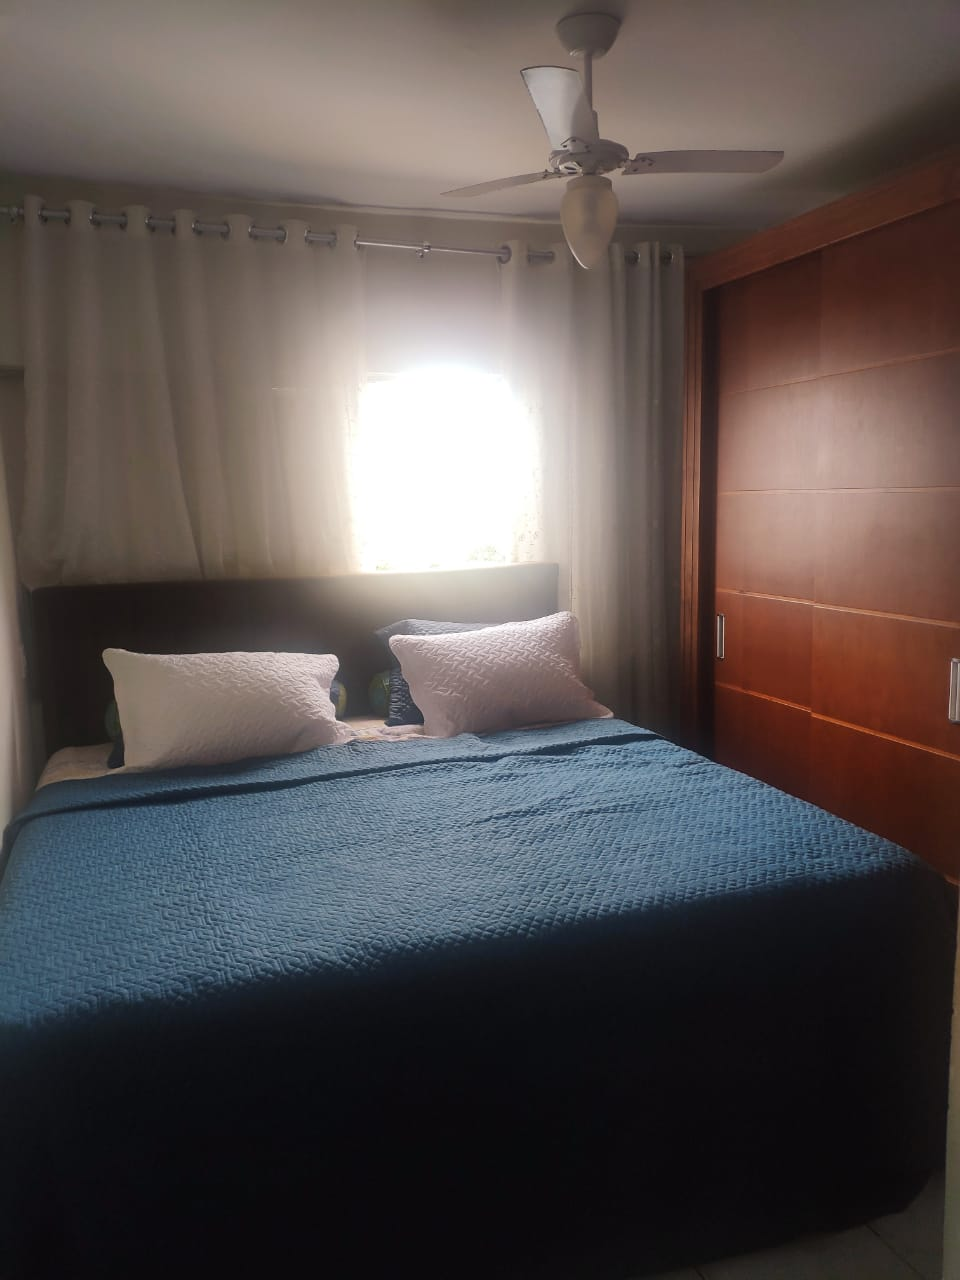 Apartamento 3 dormitórios bem arejado, iluminado, todo reformado, com piso frio e papel de parede,garagem fechada. - foto 7